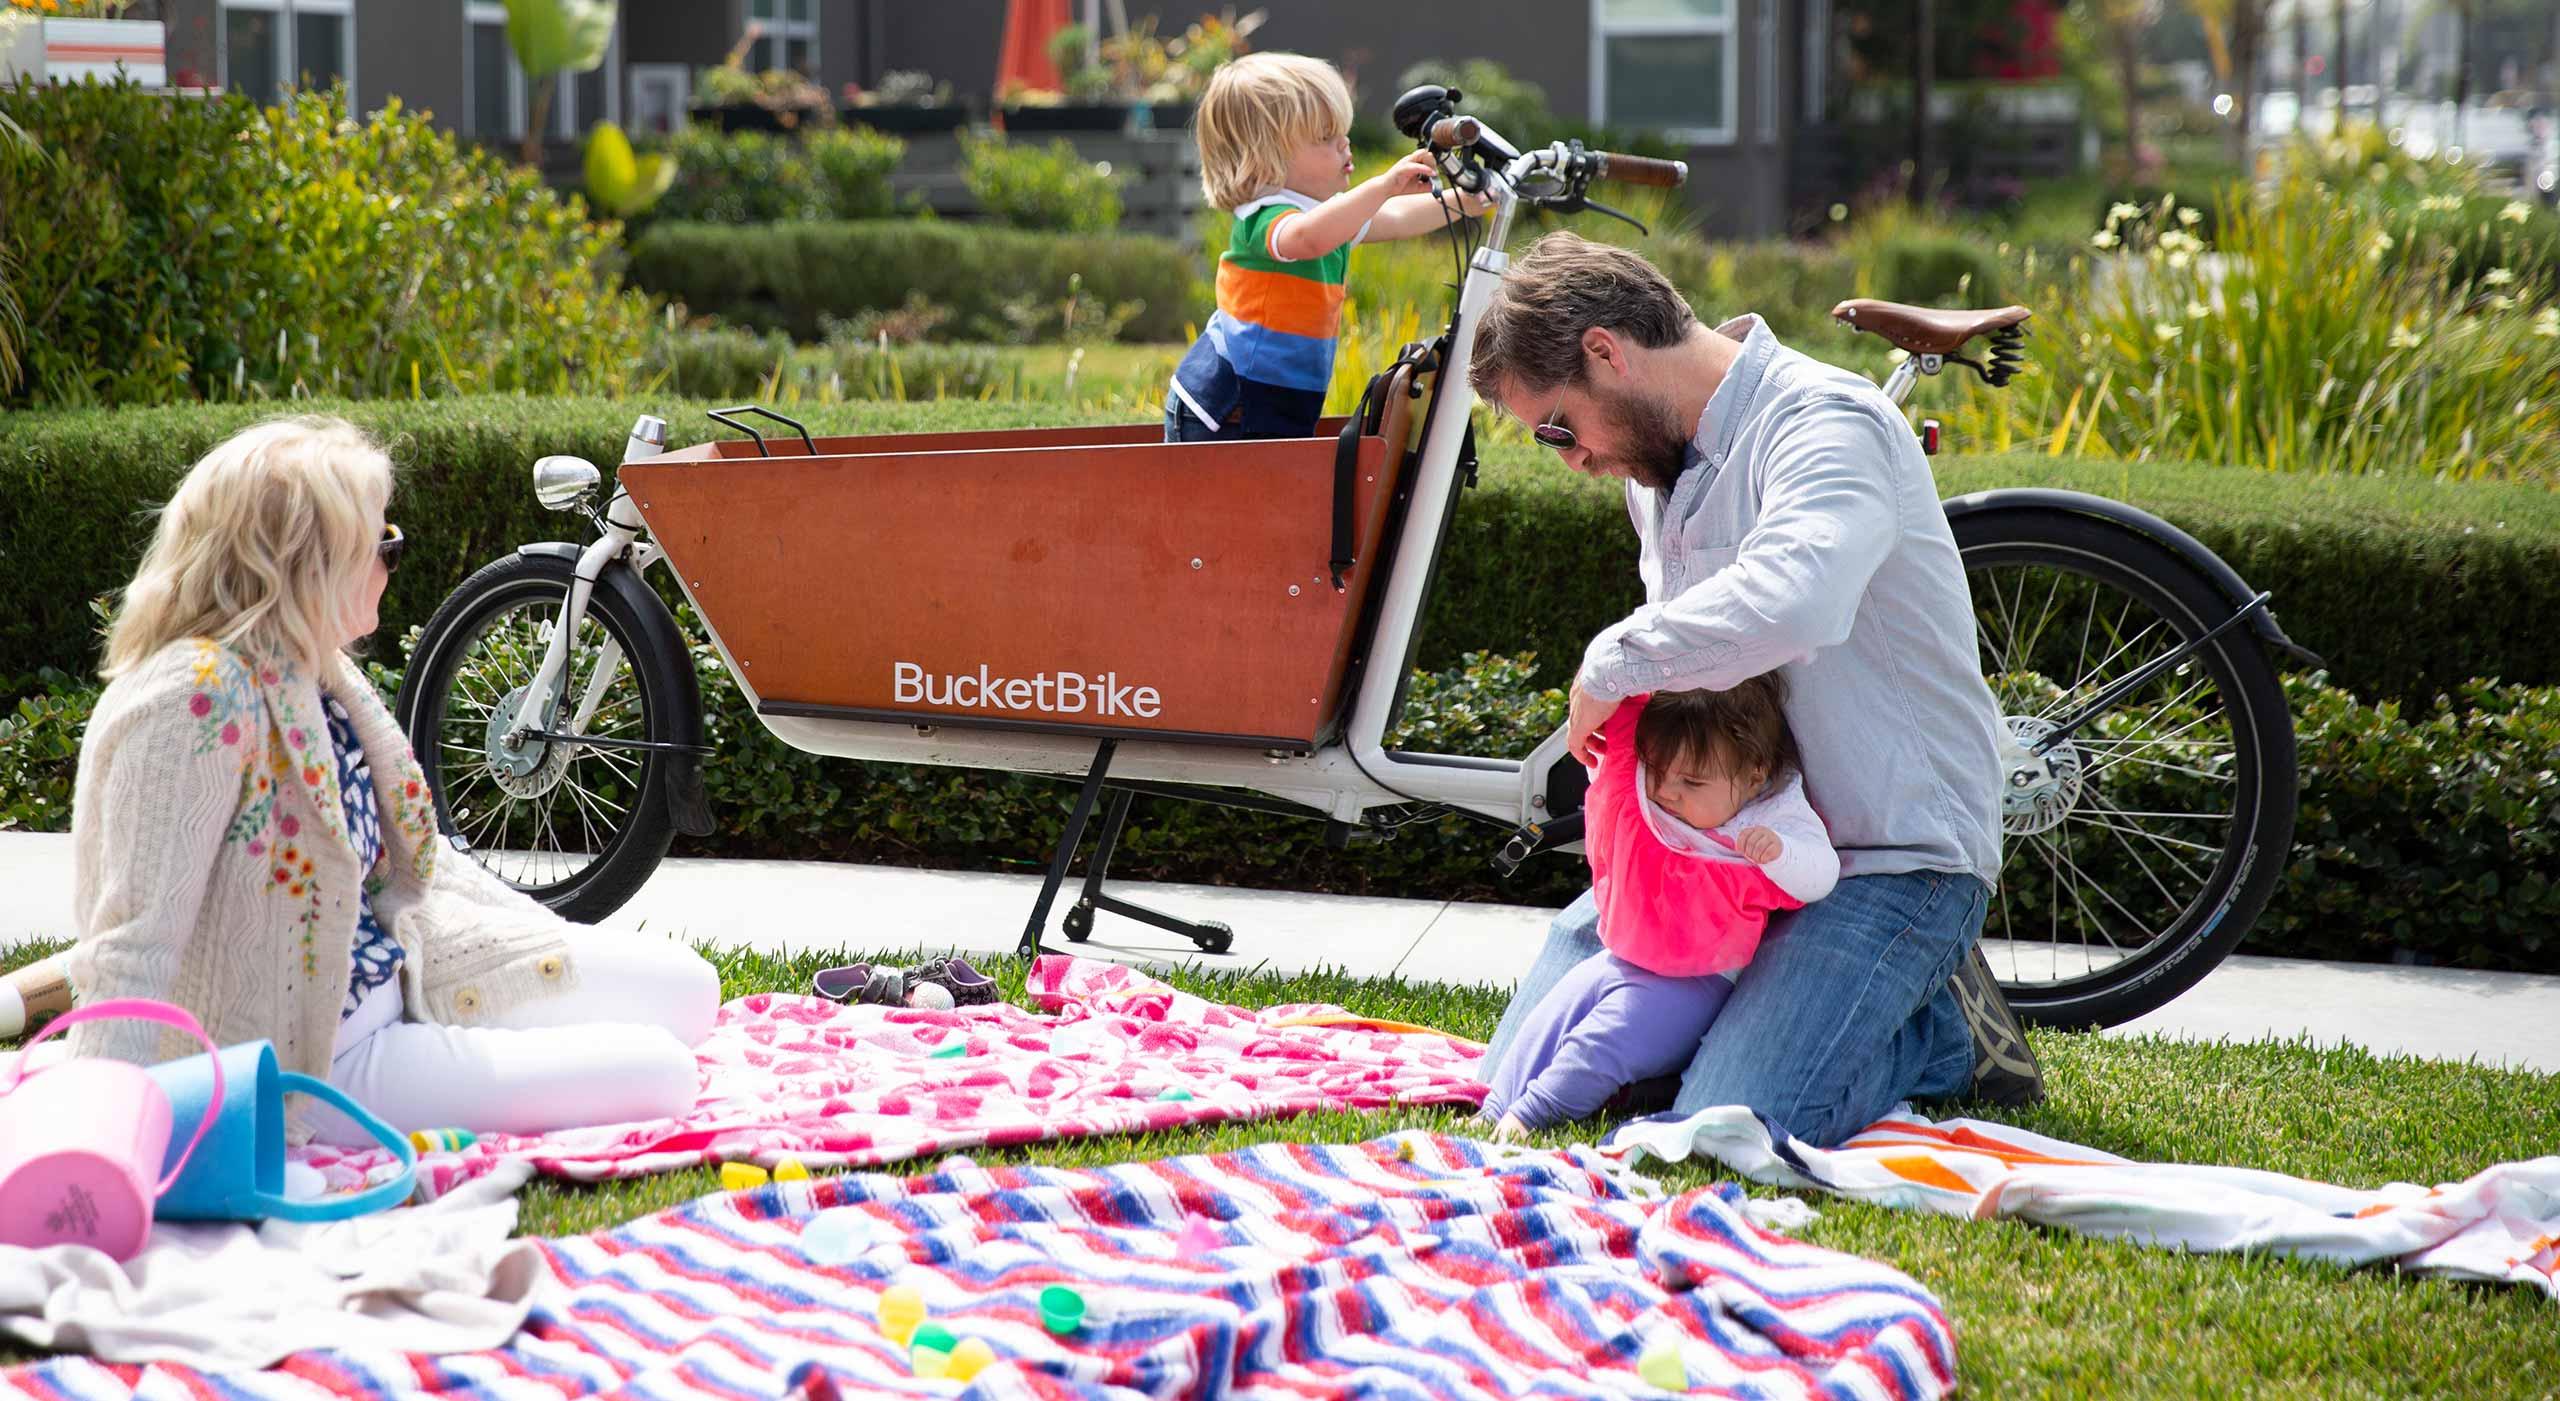 bucketbike-cargo